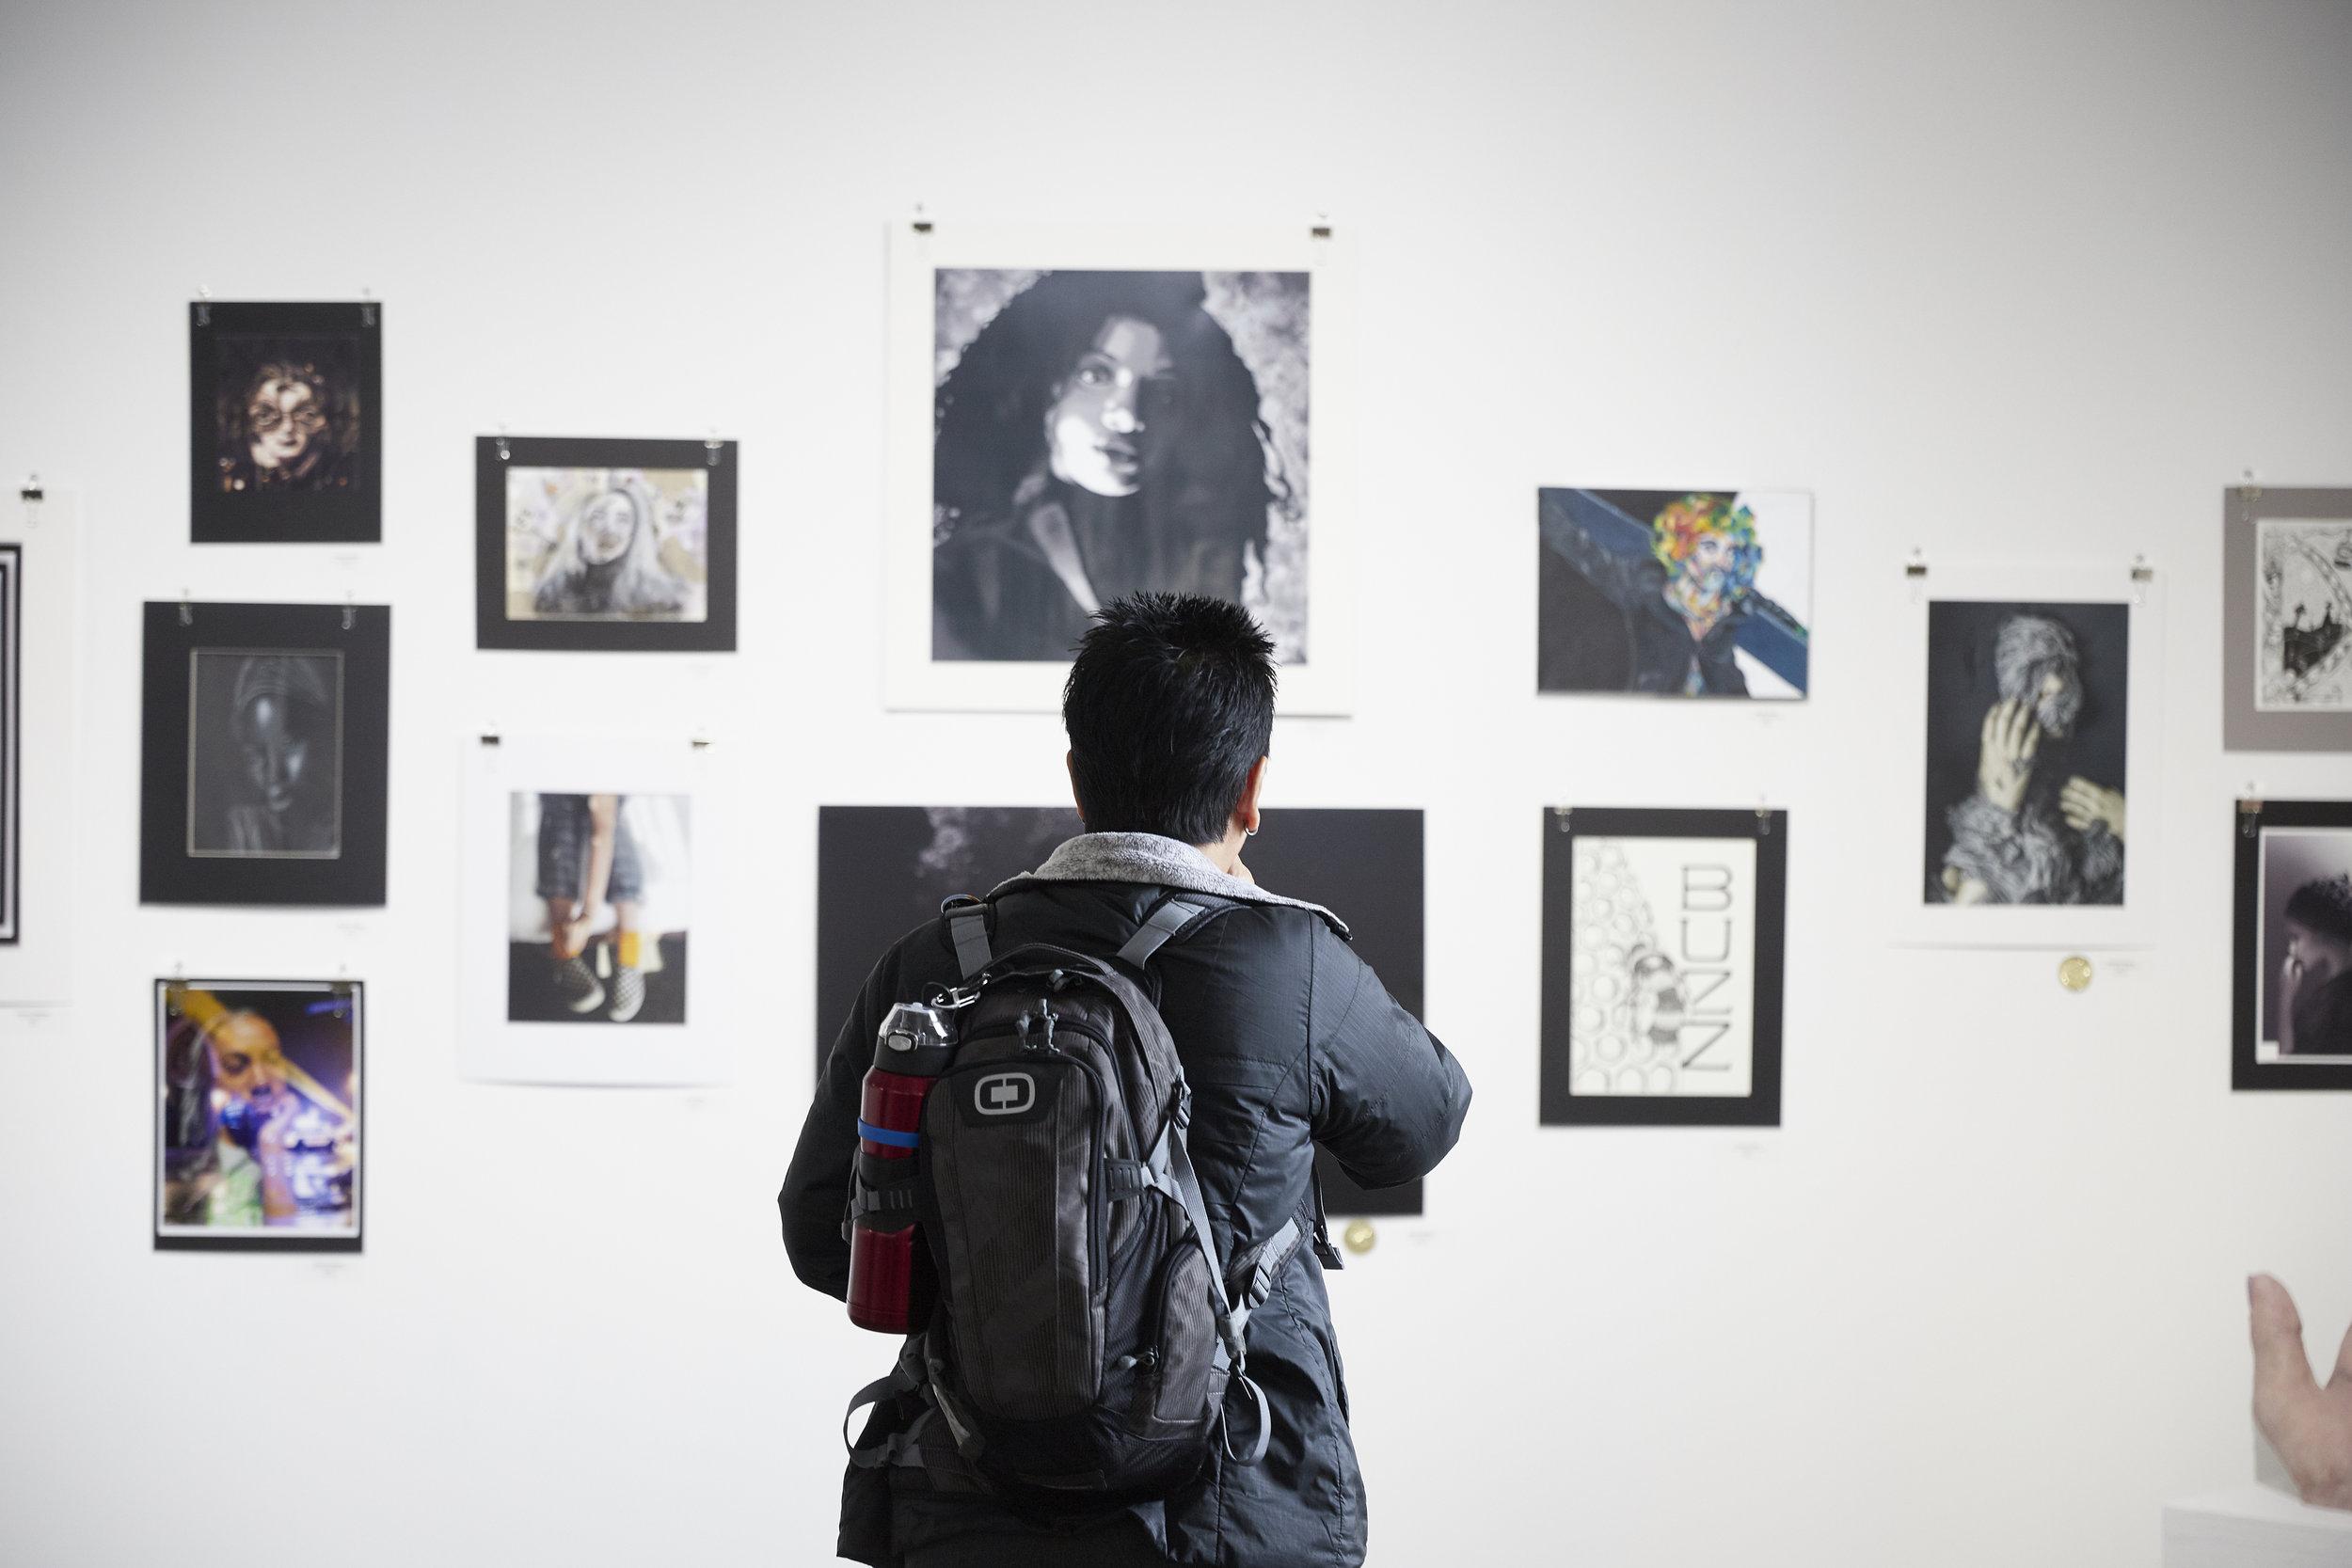 2019 General Exhibition